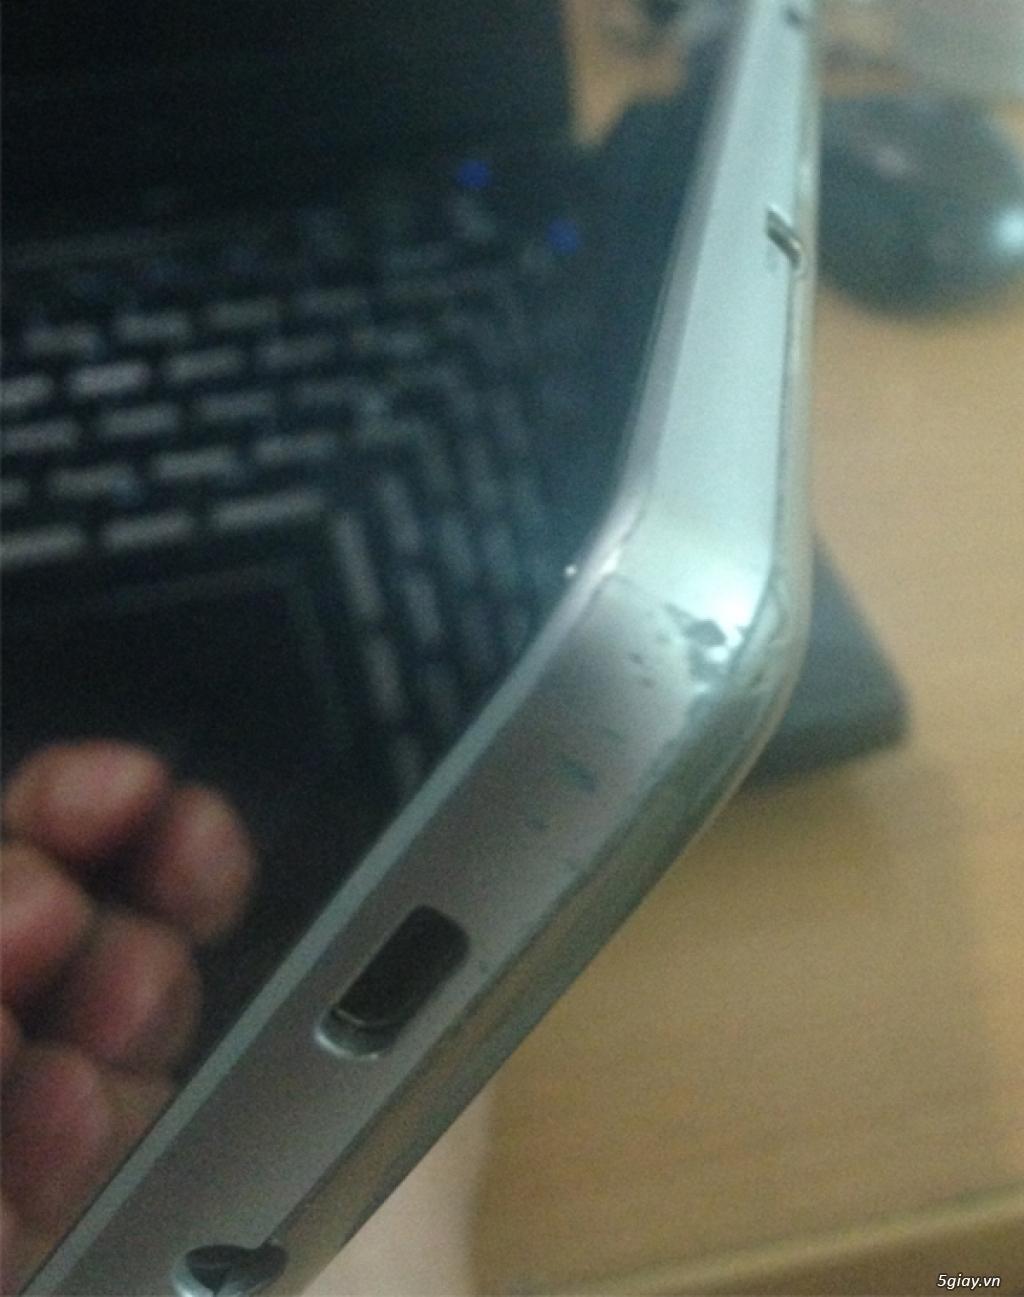 Bán máy tính bảng Acer Iconia A1-811 - 2